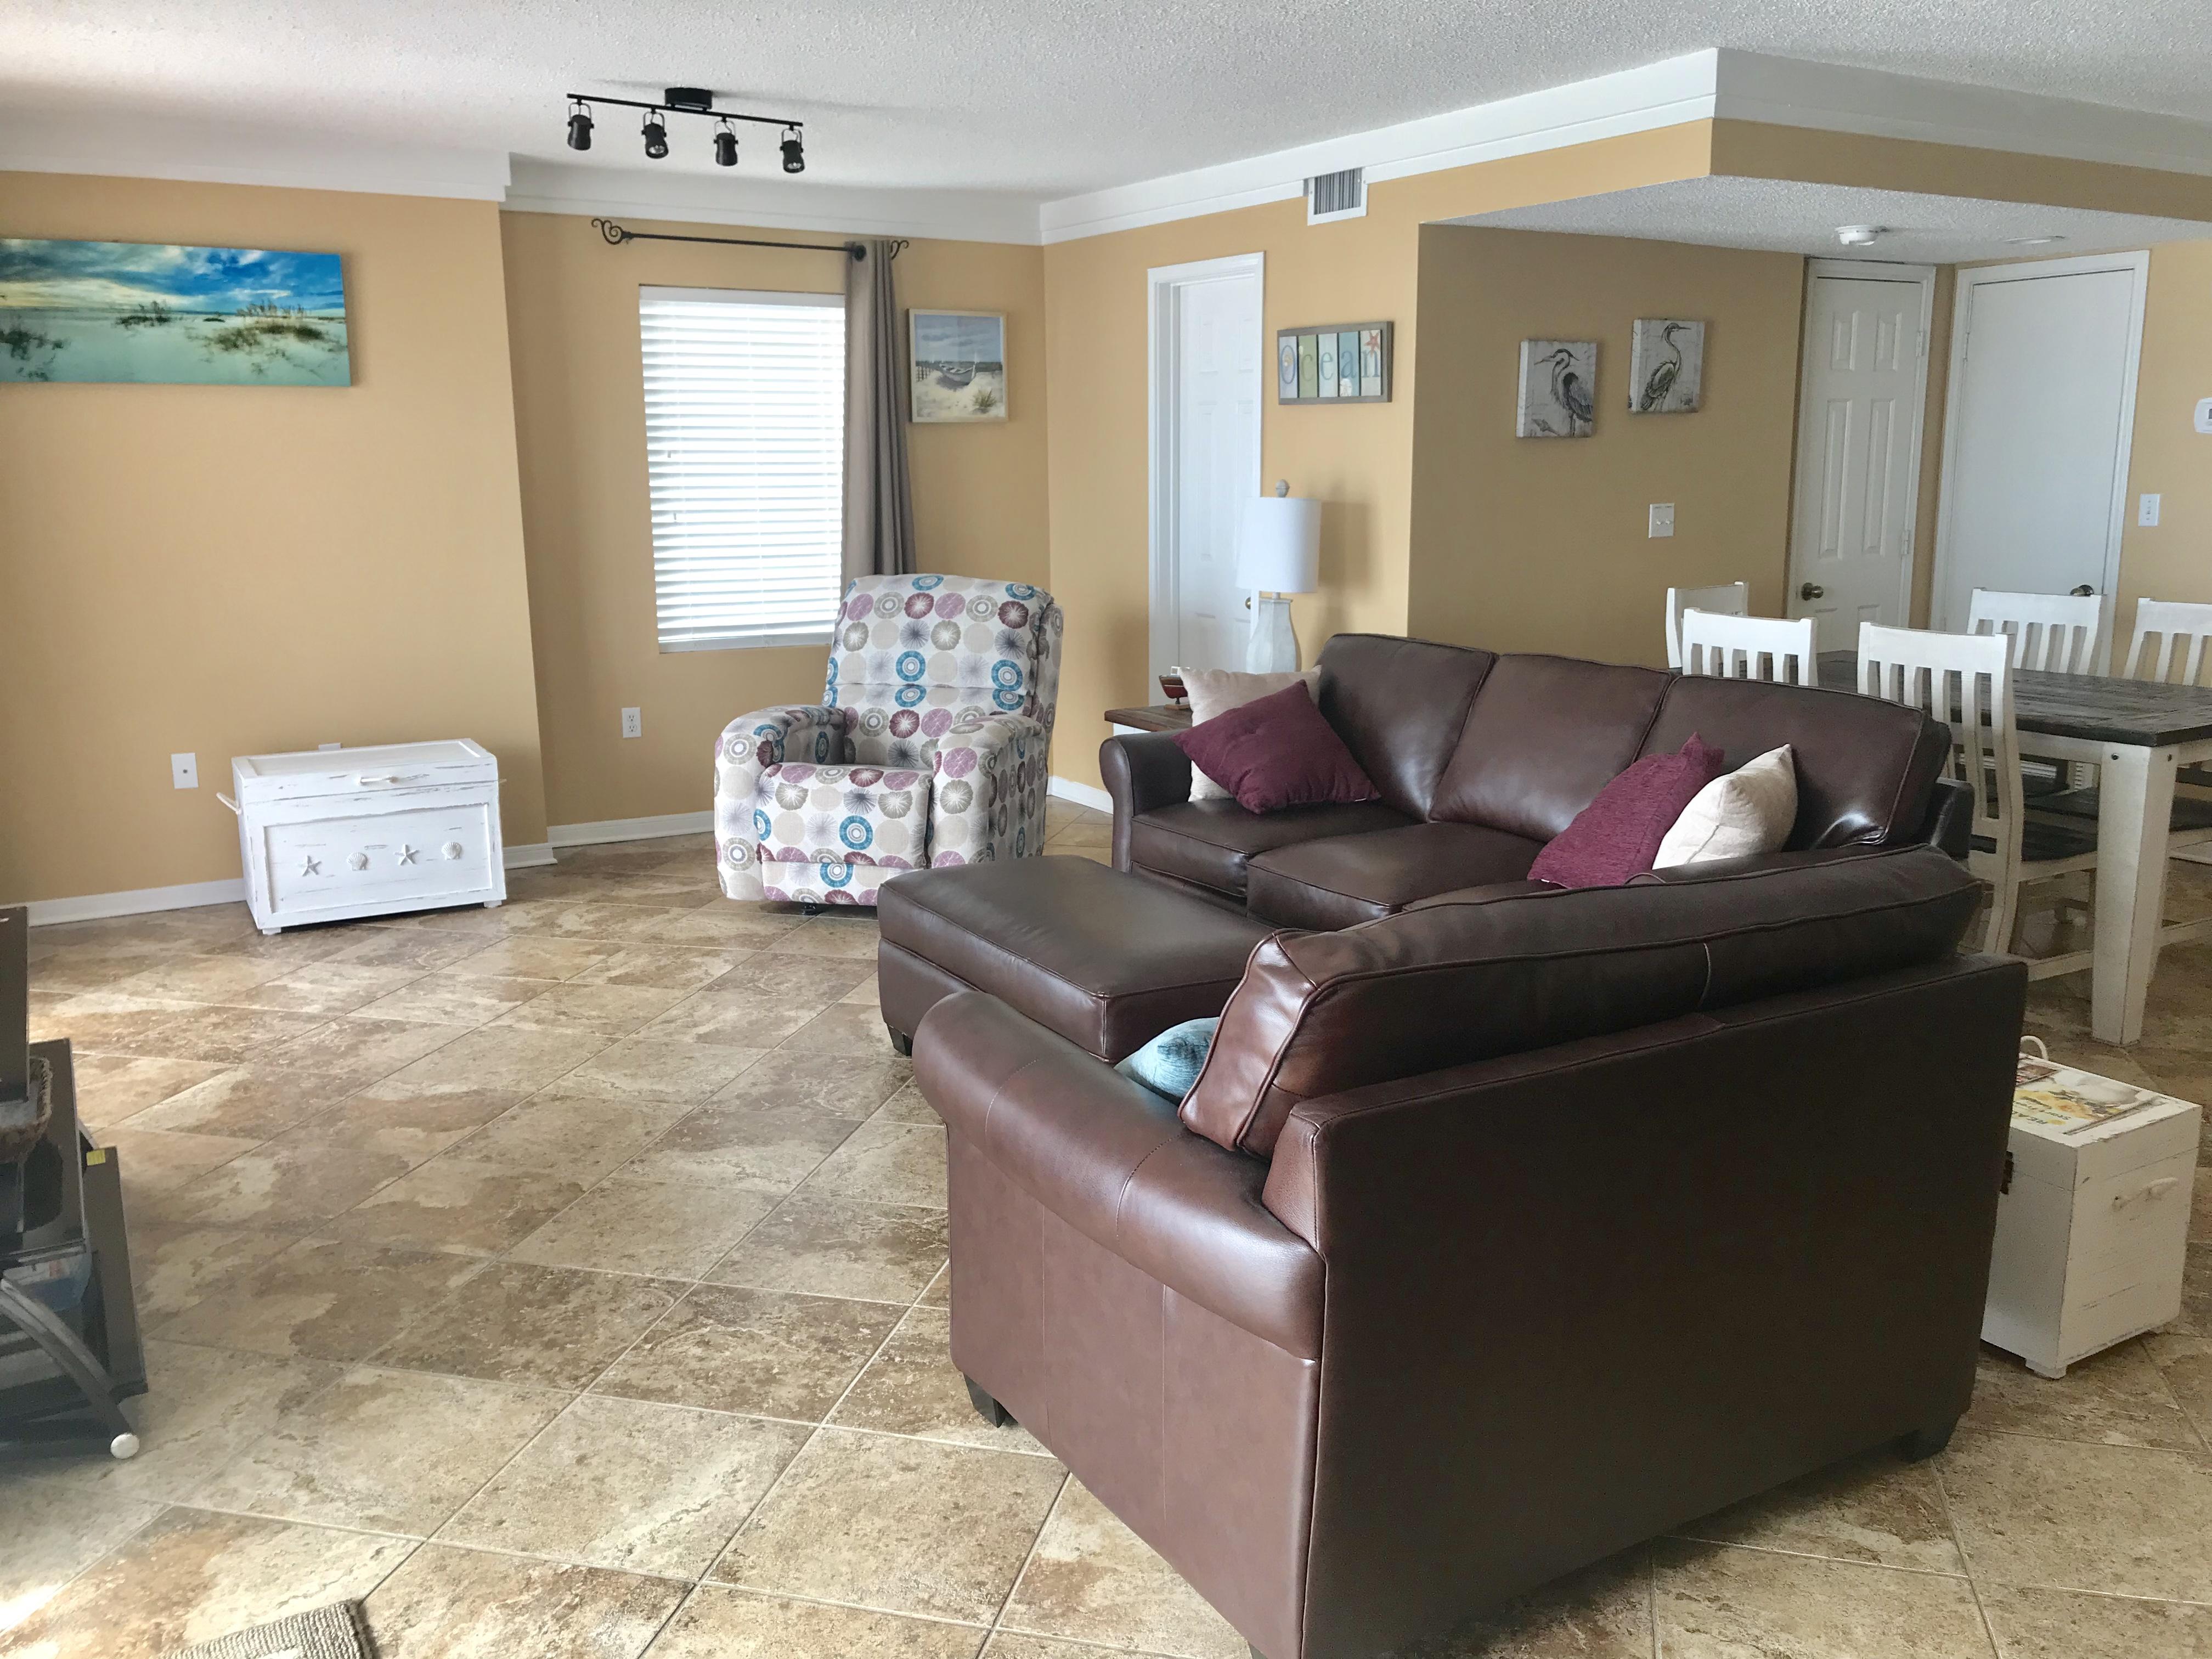 Ocean House 2606 Condo rental in Ocean House - Gulf Shores in Gulf Shores Alabama - #9